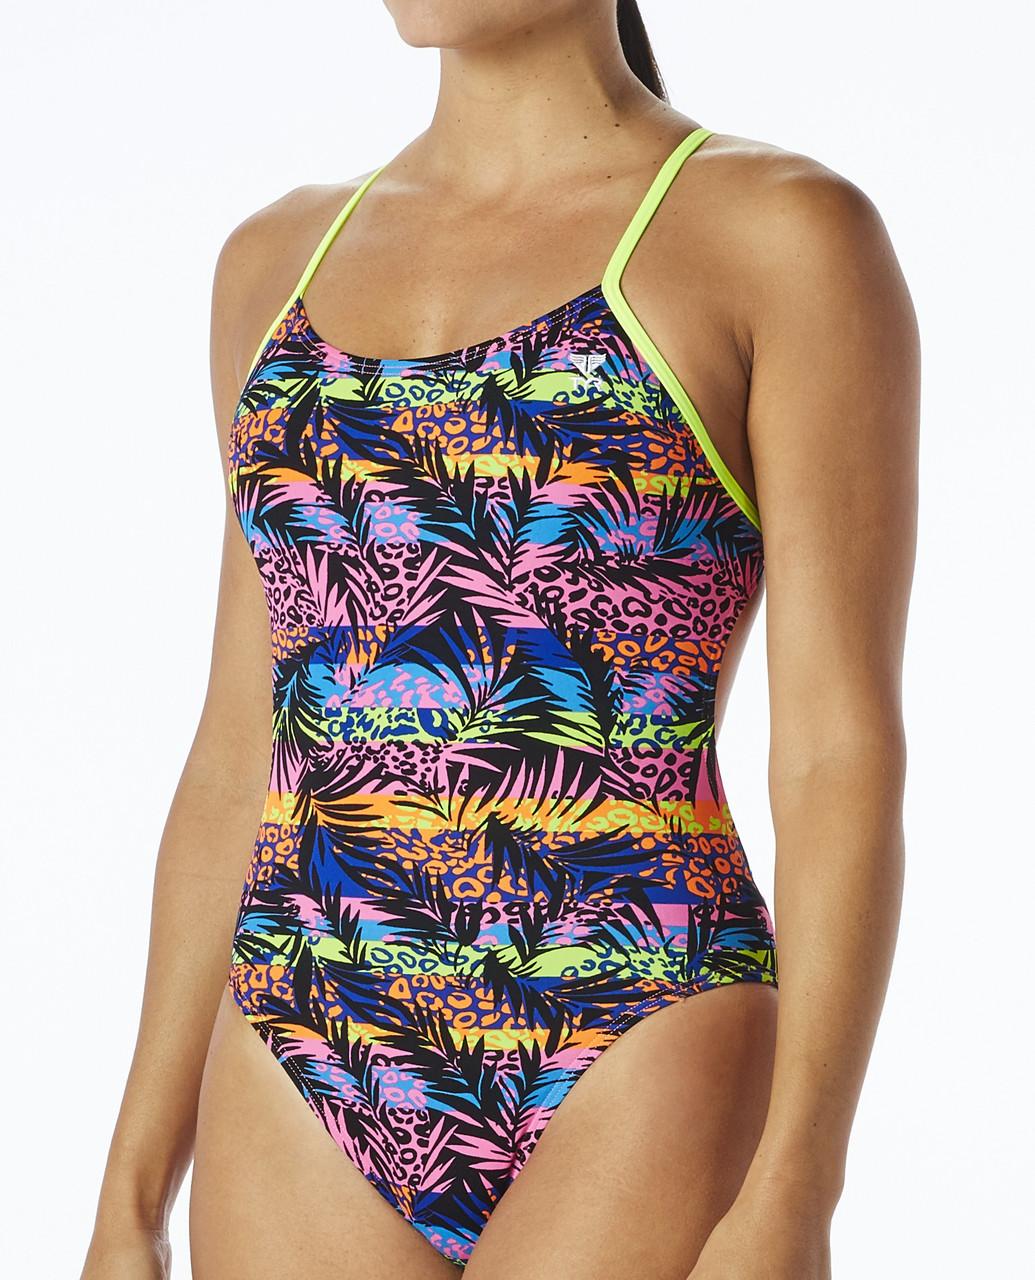 Спортивный купальник TYR Sumatra Cutoutfit цвет 004 Черный/Мульти размер 26